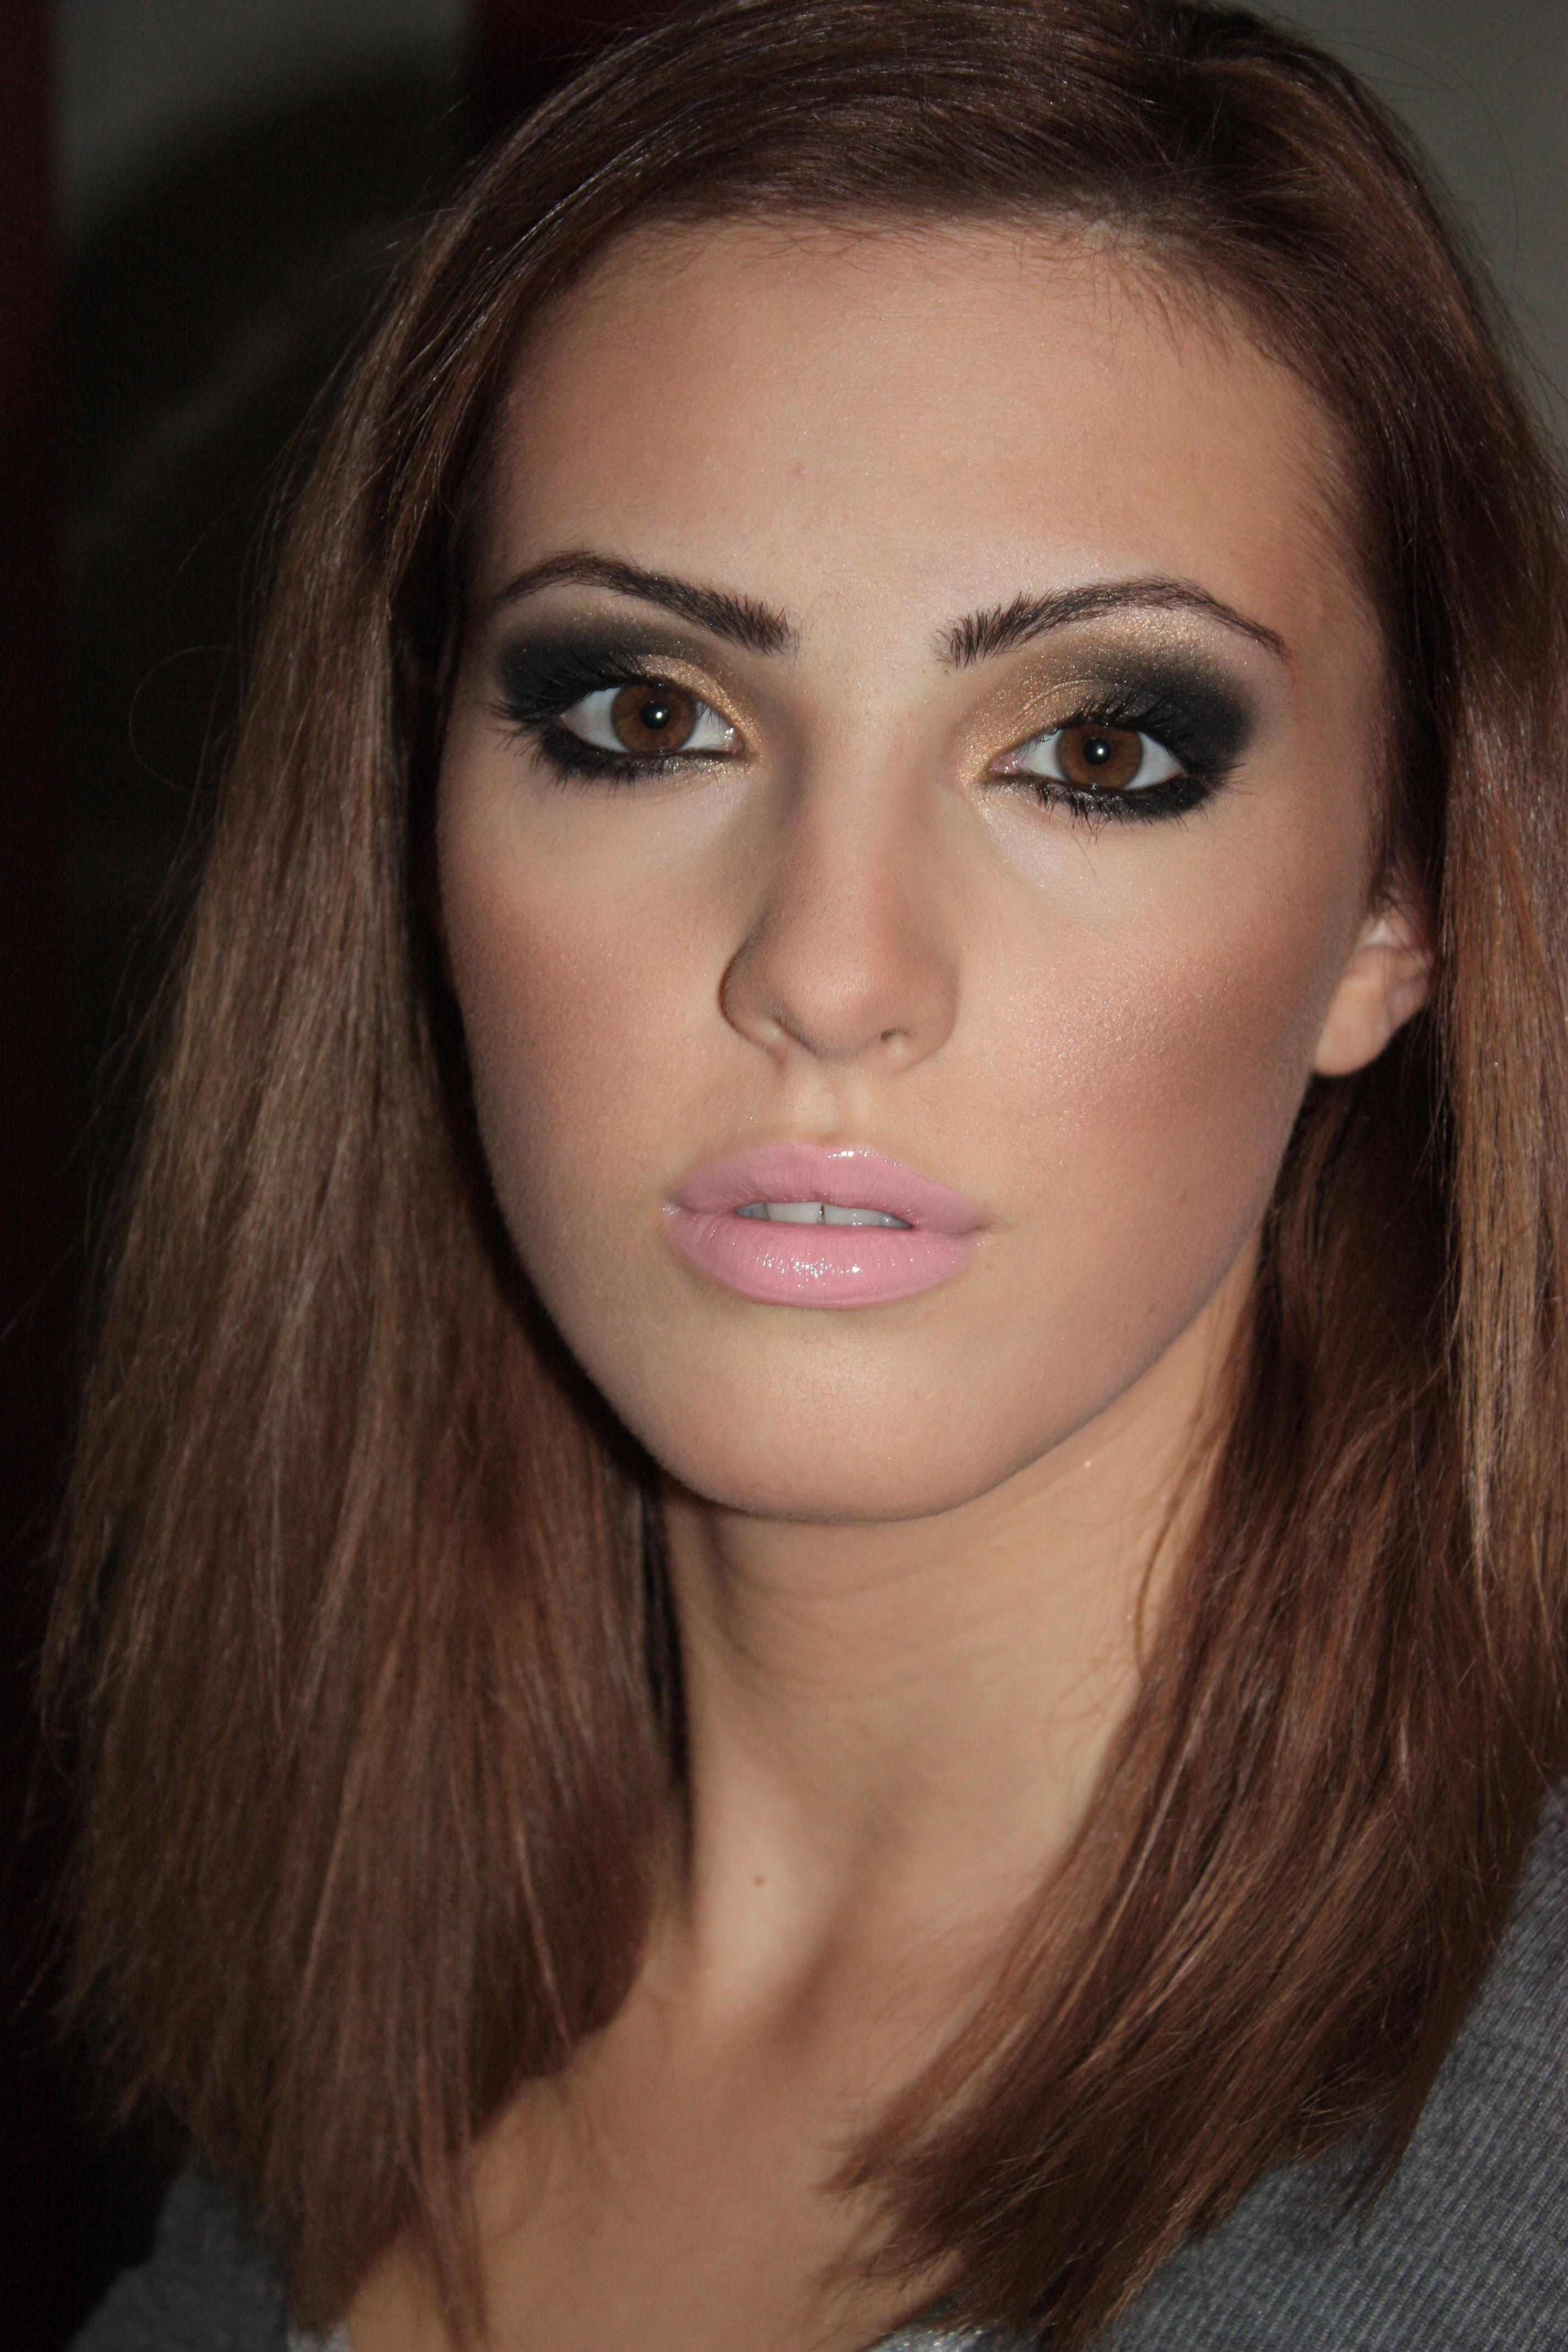 M.A.C makeup